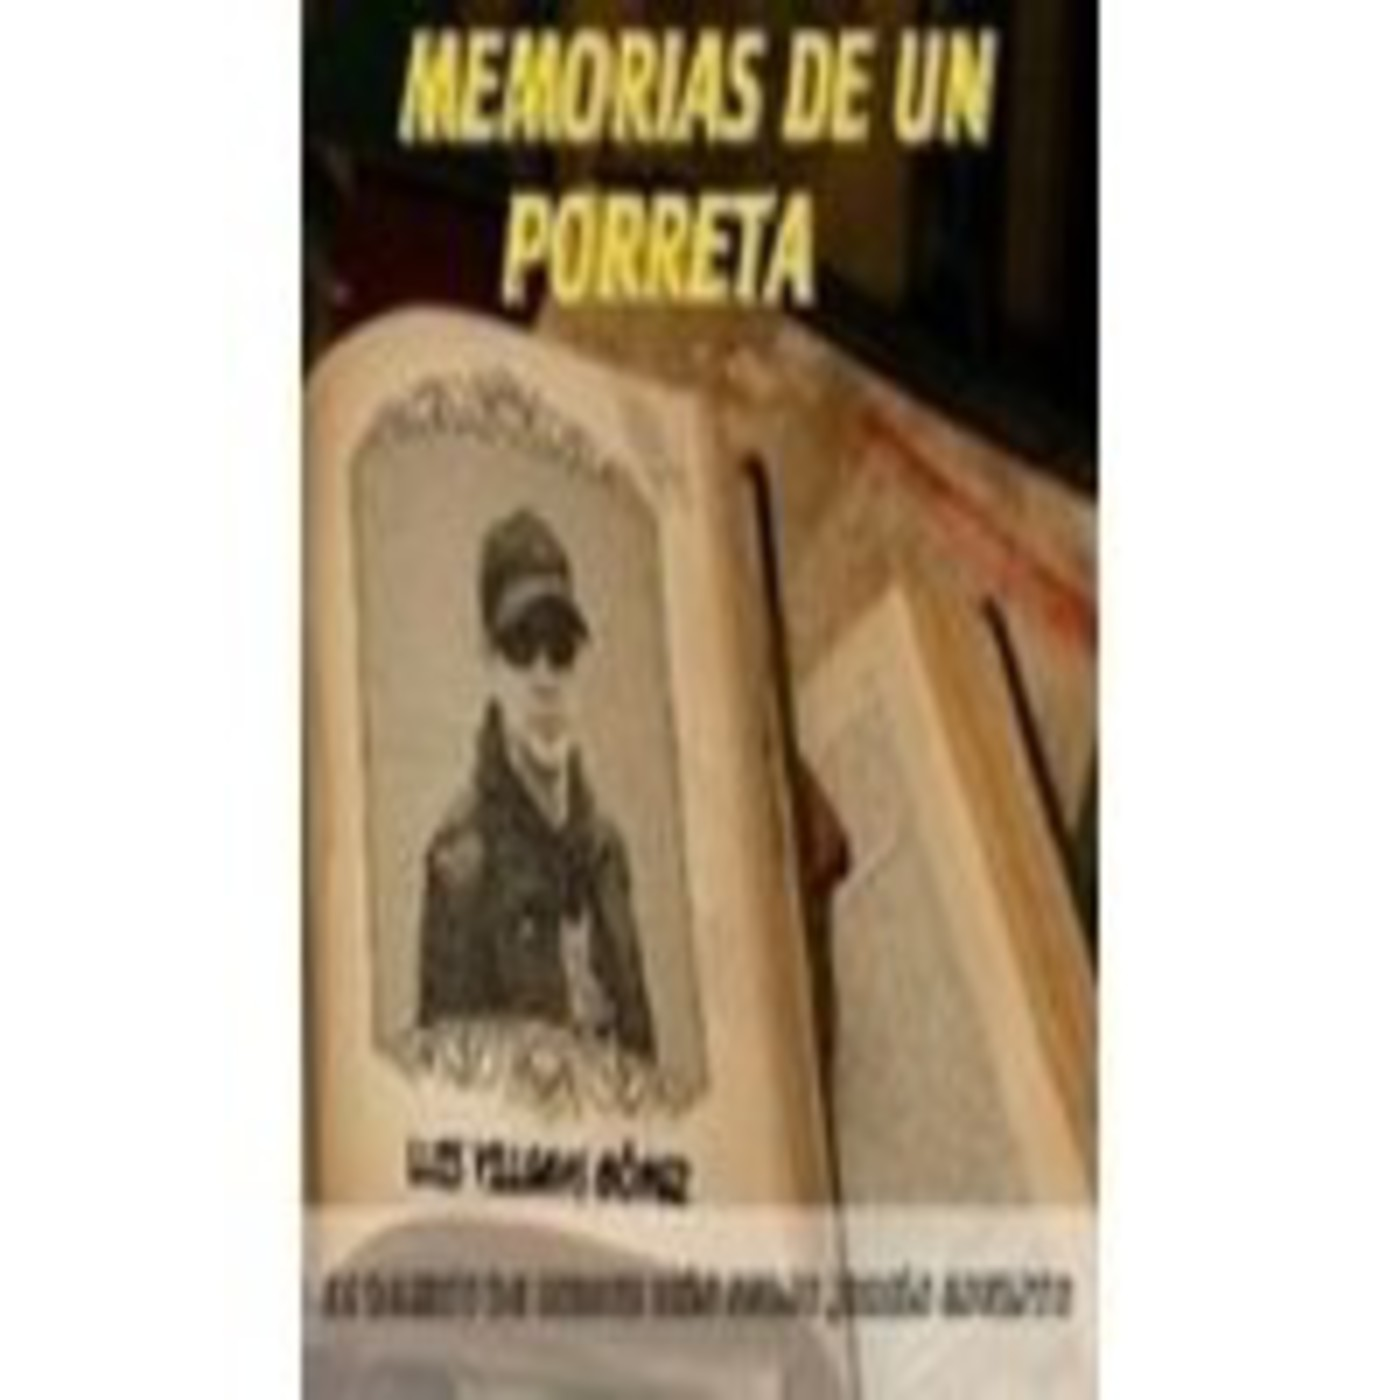 Eduardo Muriel